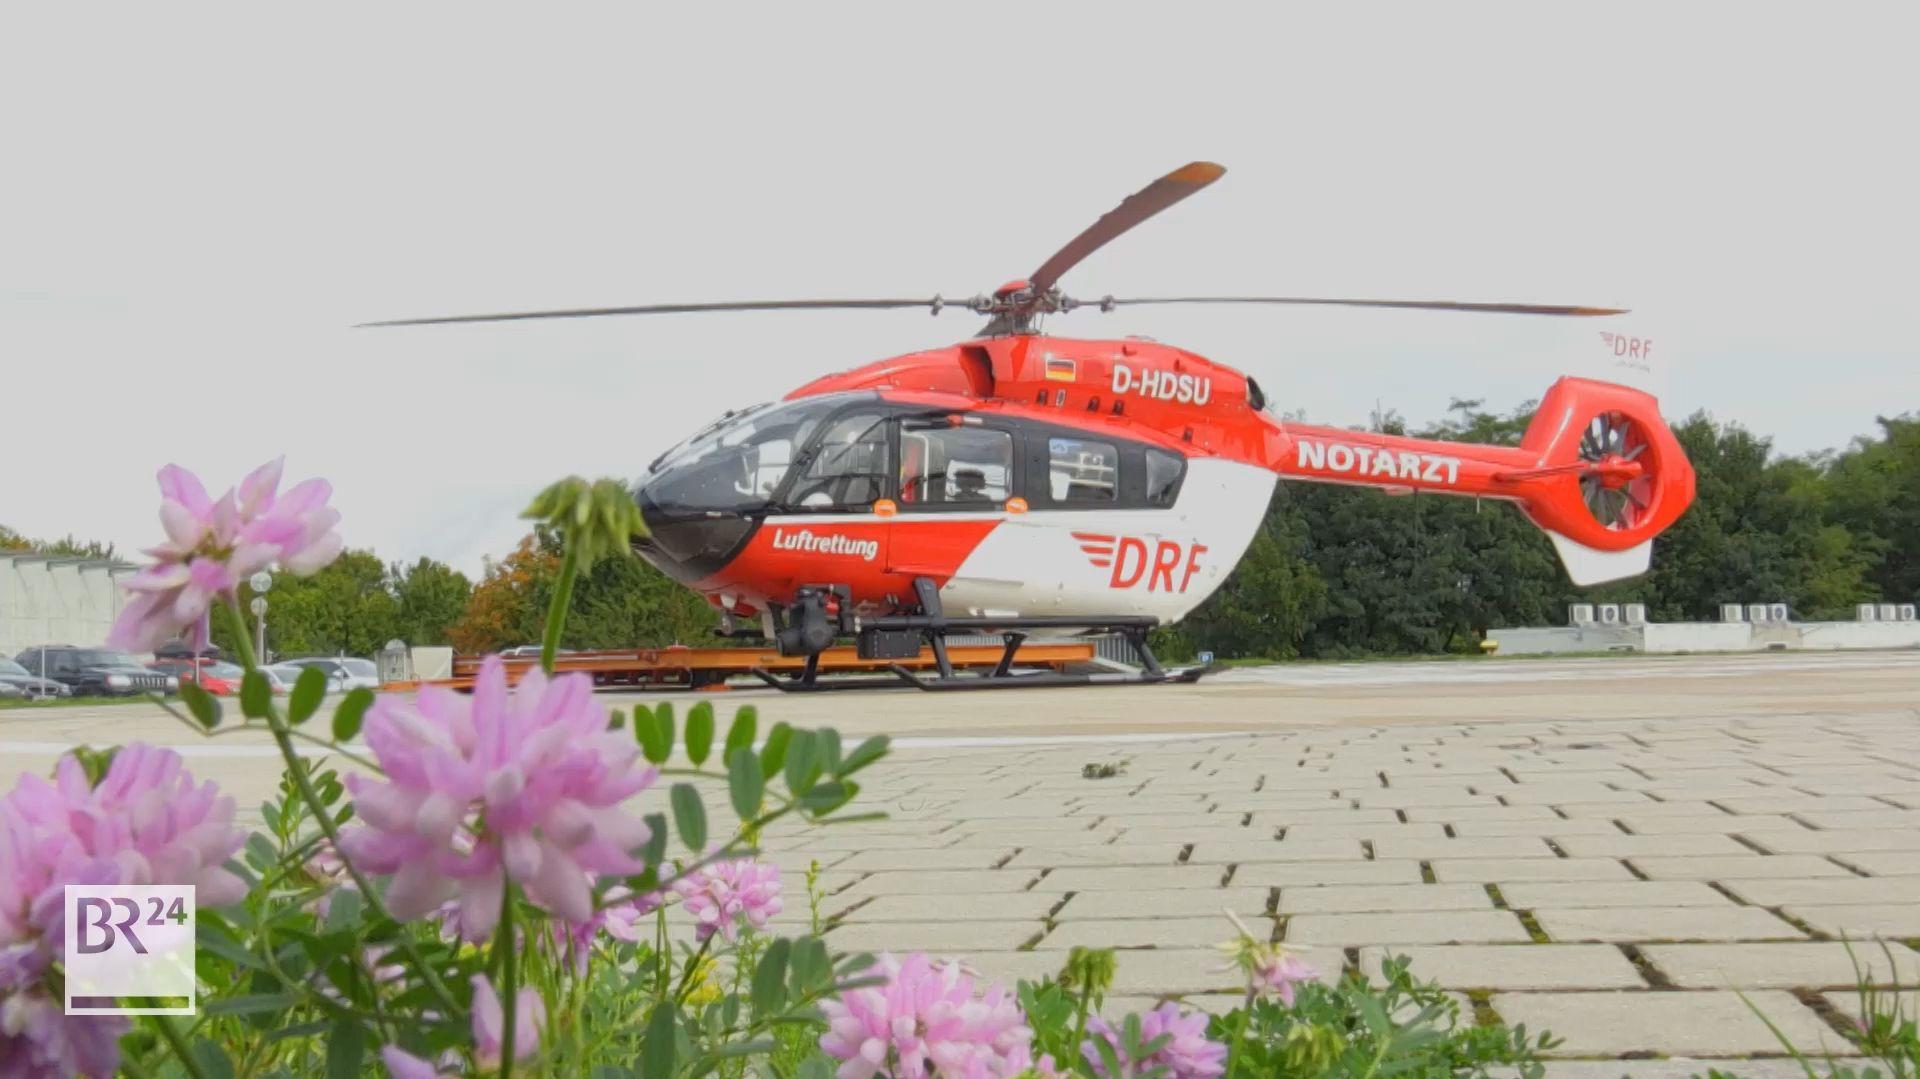 Feier zum 25-jährigen Bestehen der Luftrettung in Regensburg